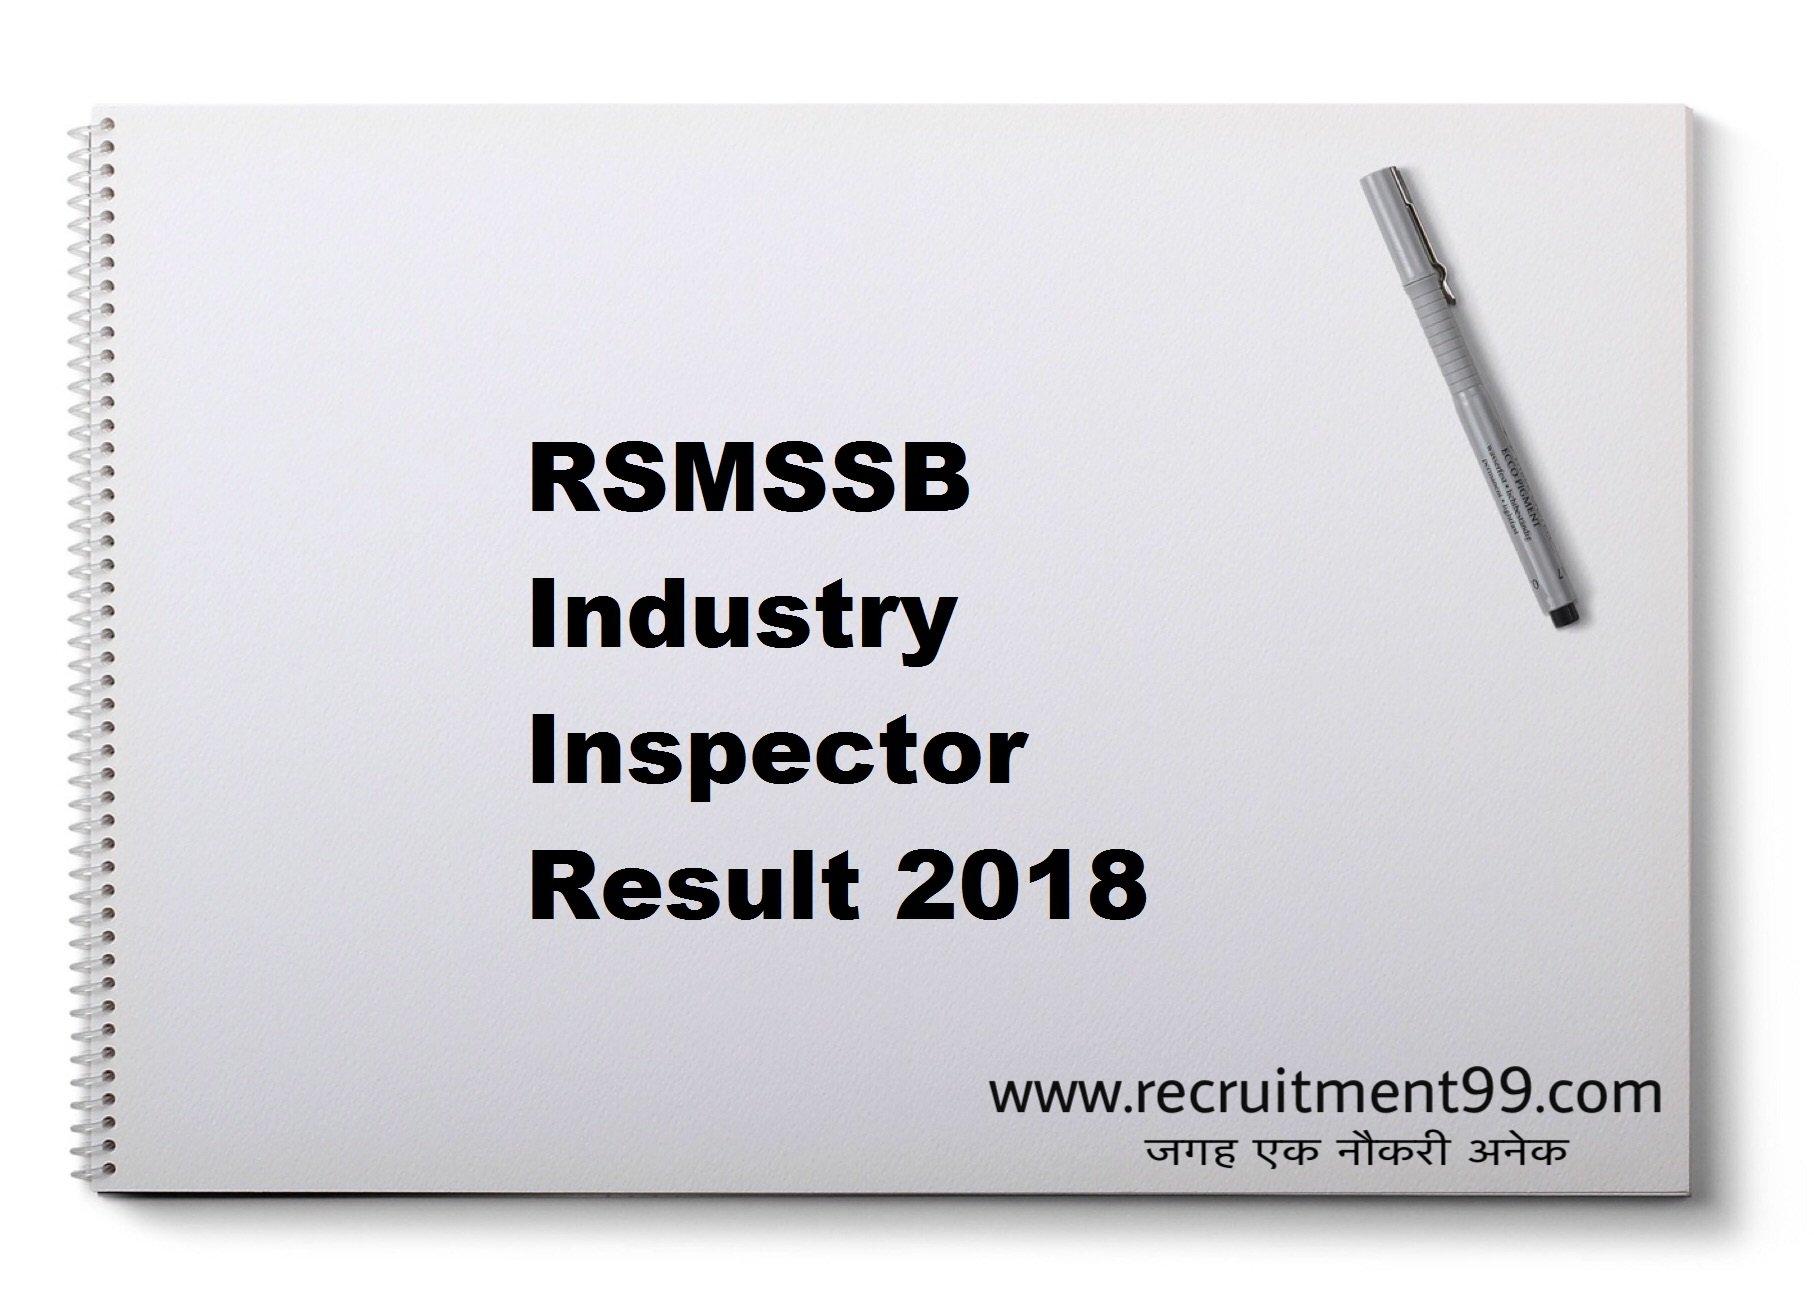 RSMSSB Industry Inspector Result 2018